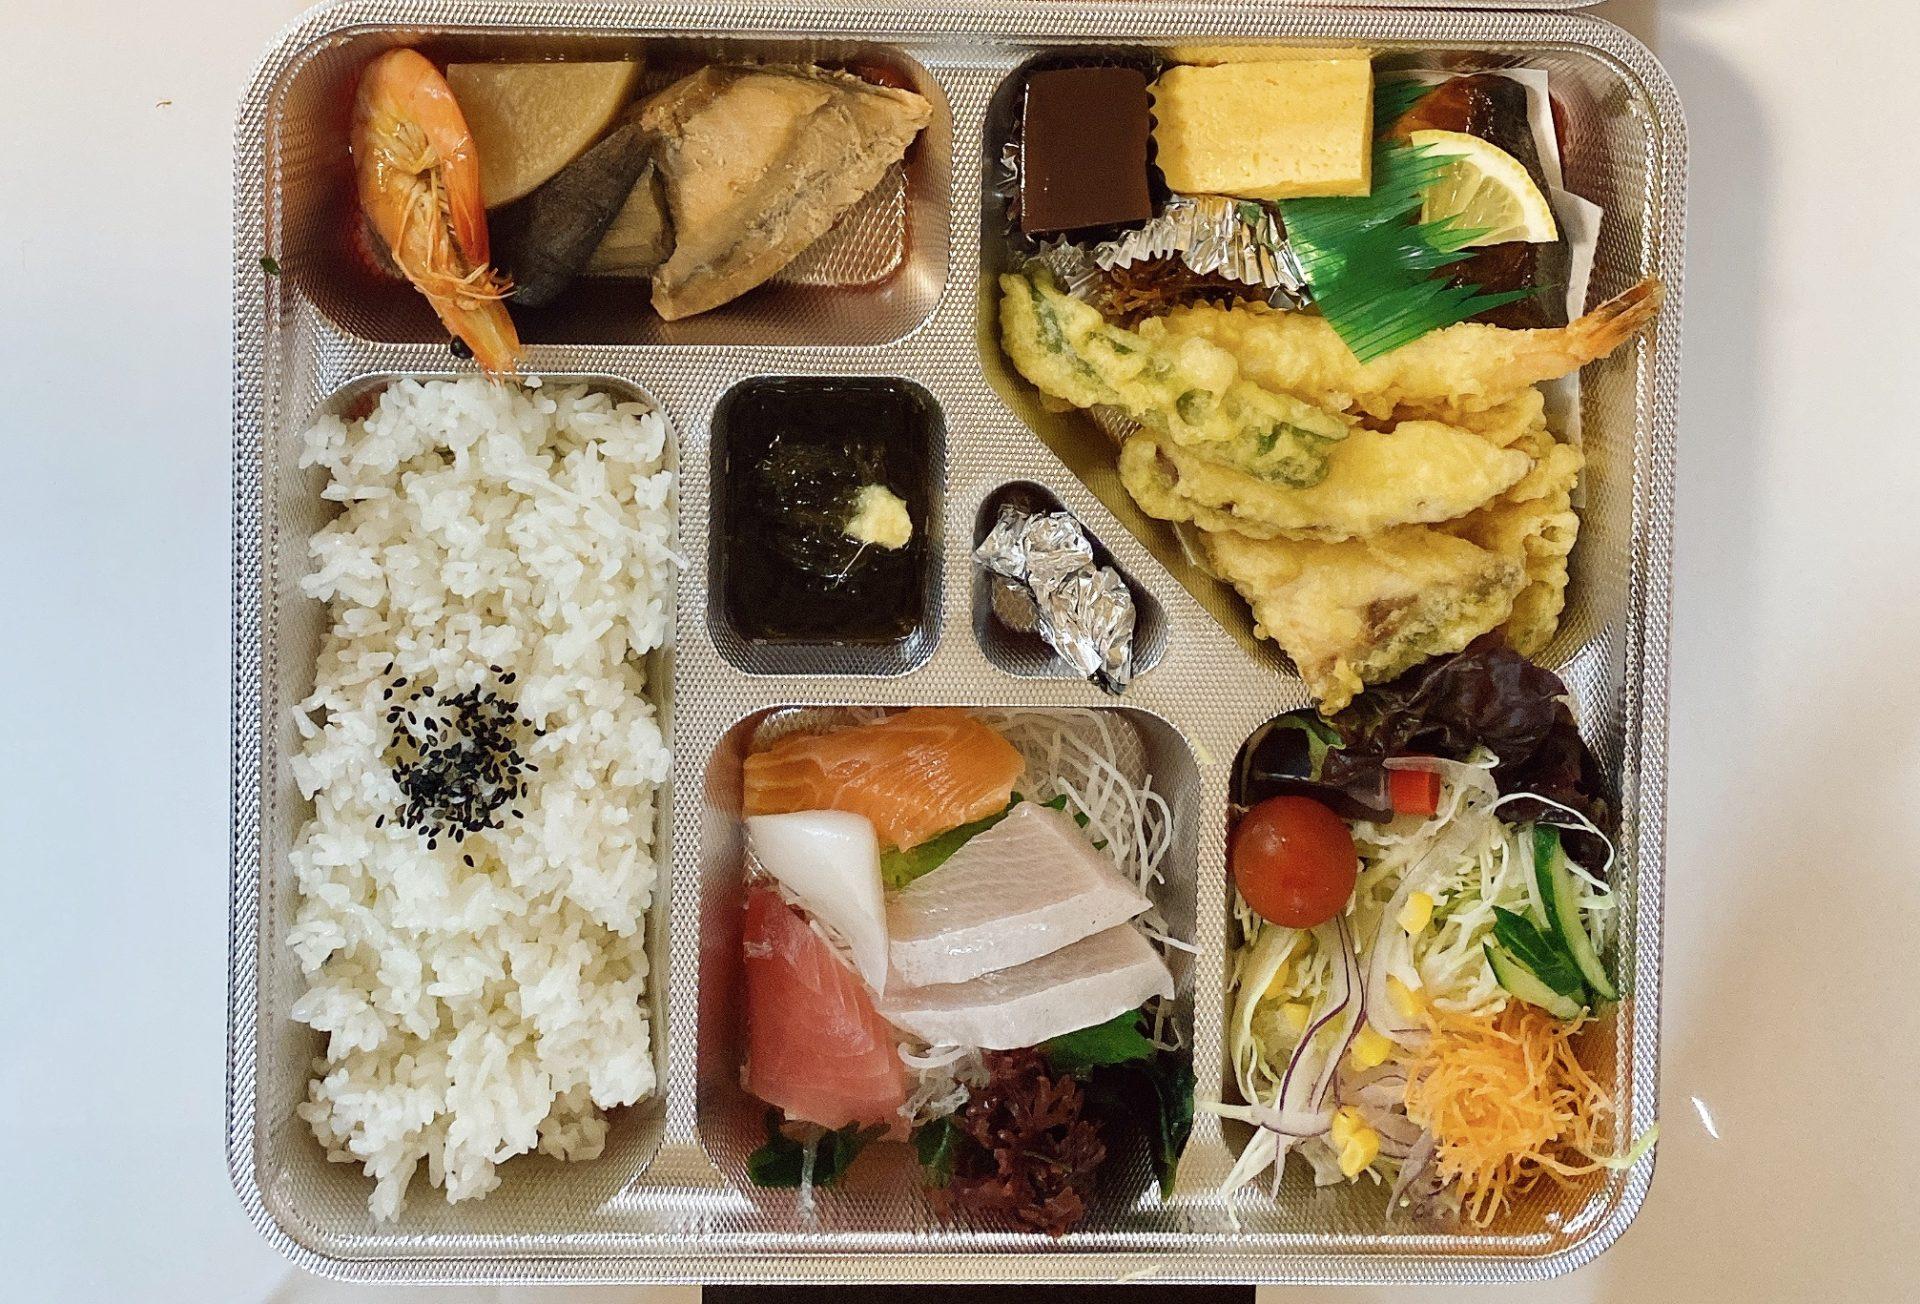 【岡山市東区のテイクアウト】長船駅から8分 海鮮丼 魚しんのテイクアウトが豪華でコスパいい!